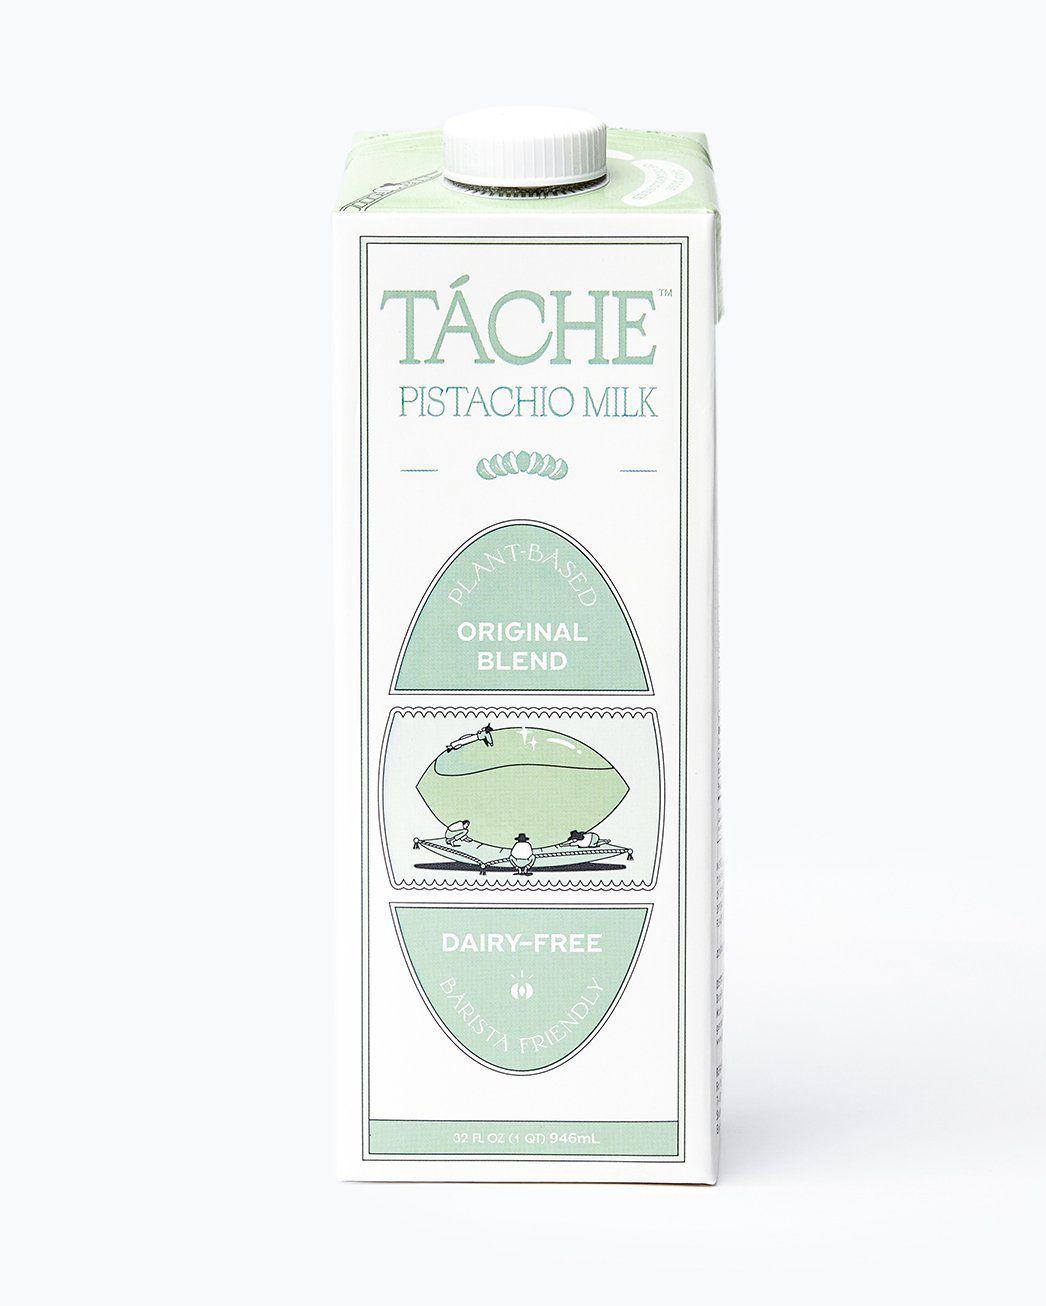 Táche Pistachio Milk Original Blend